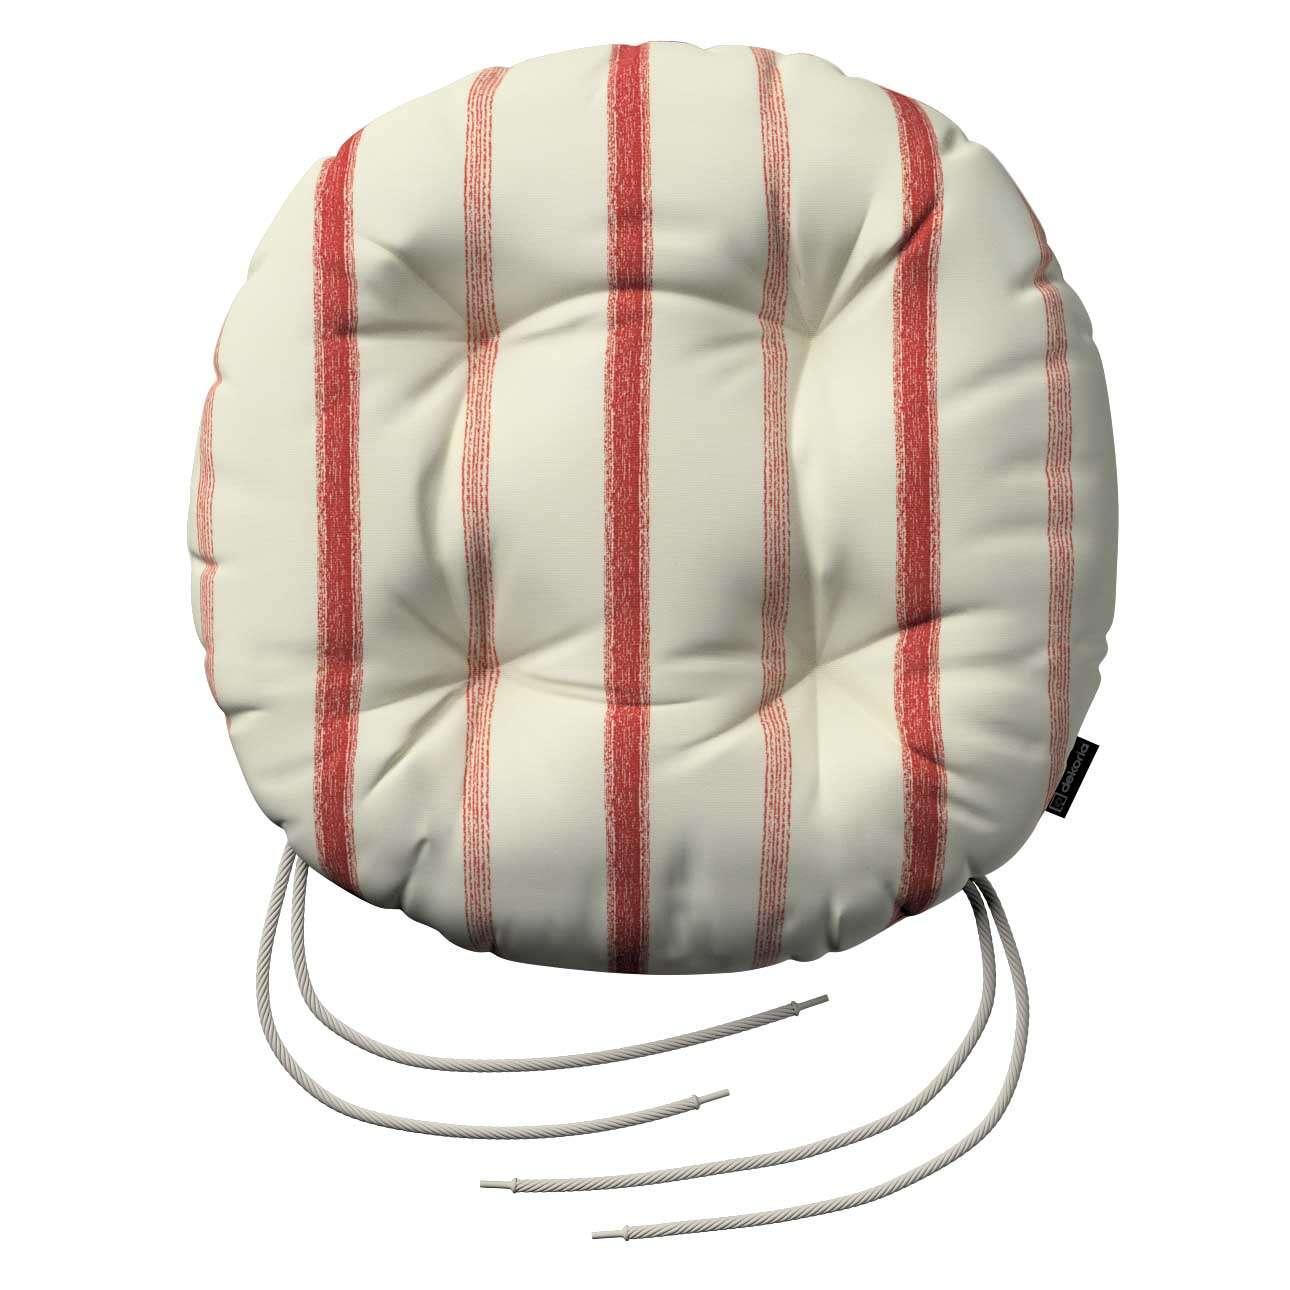 Kėdės pagalvėlė Adam  skersmuo 37x8cm kolekcijoje Avinon, audinys: 129-15